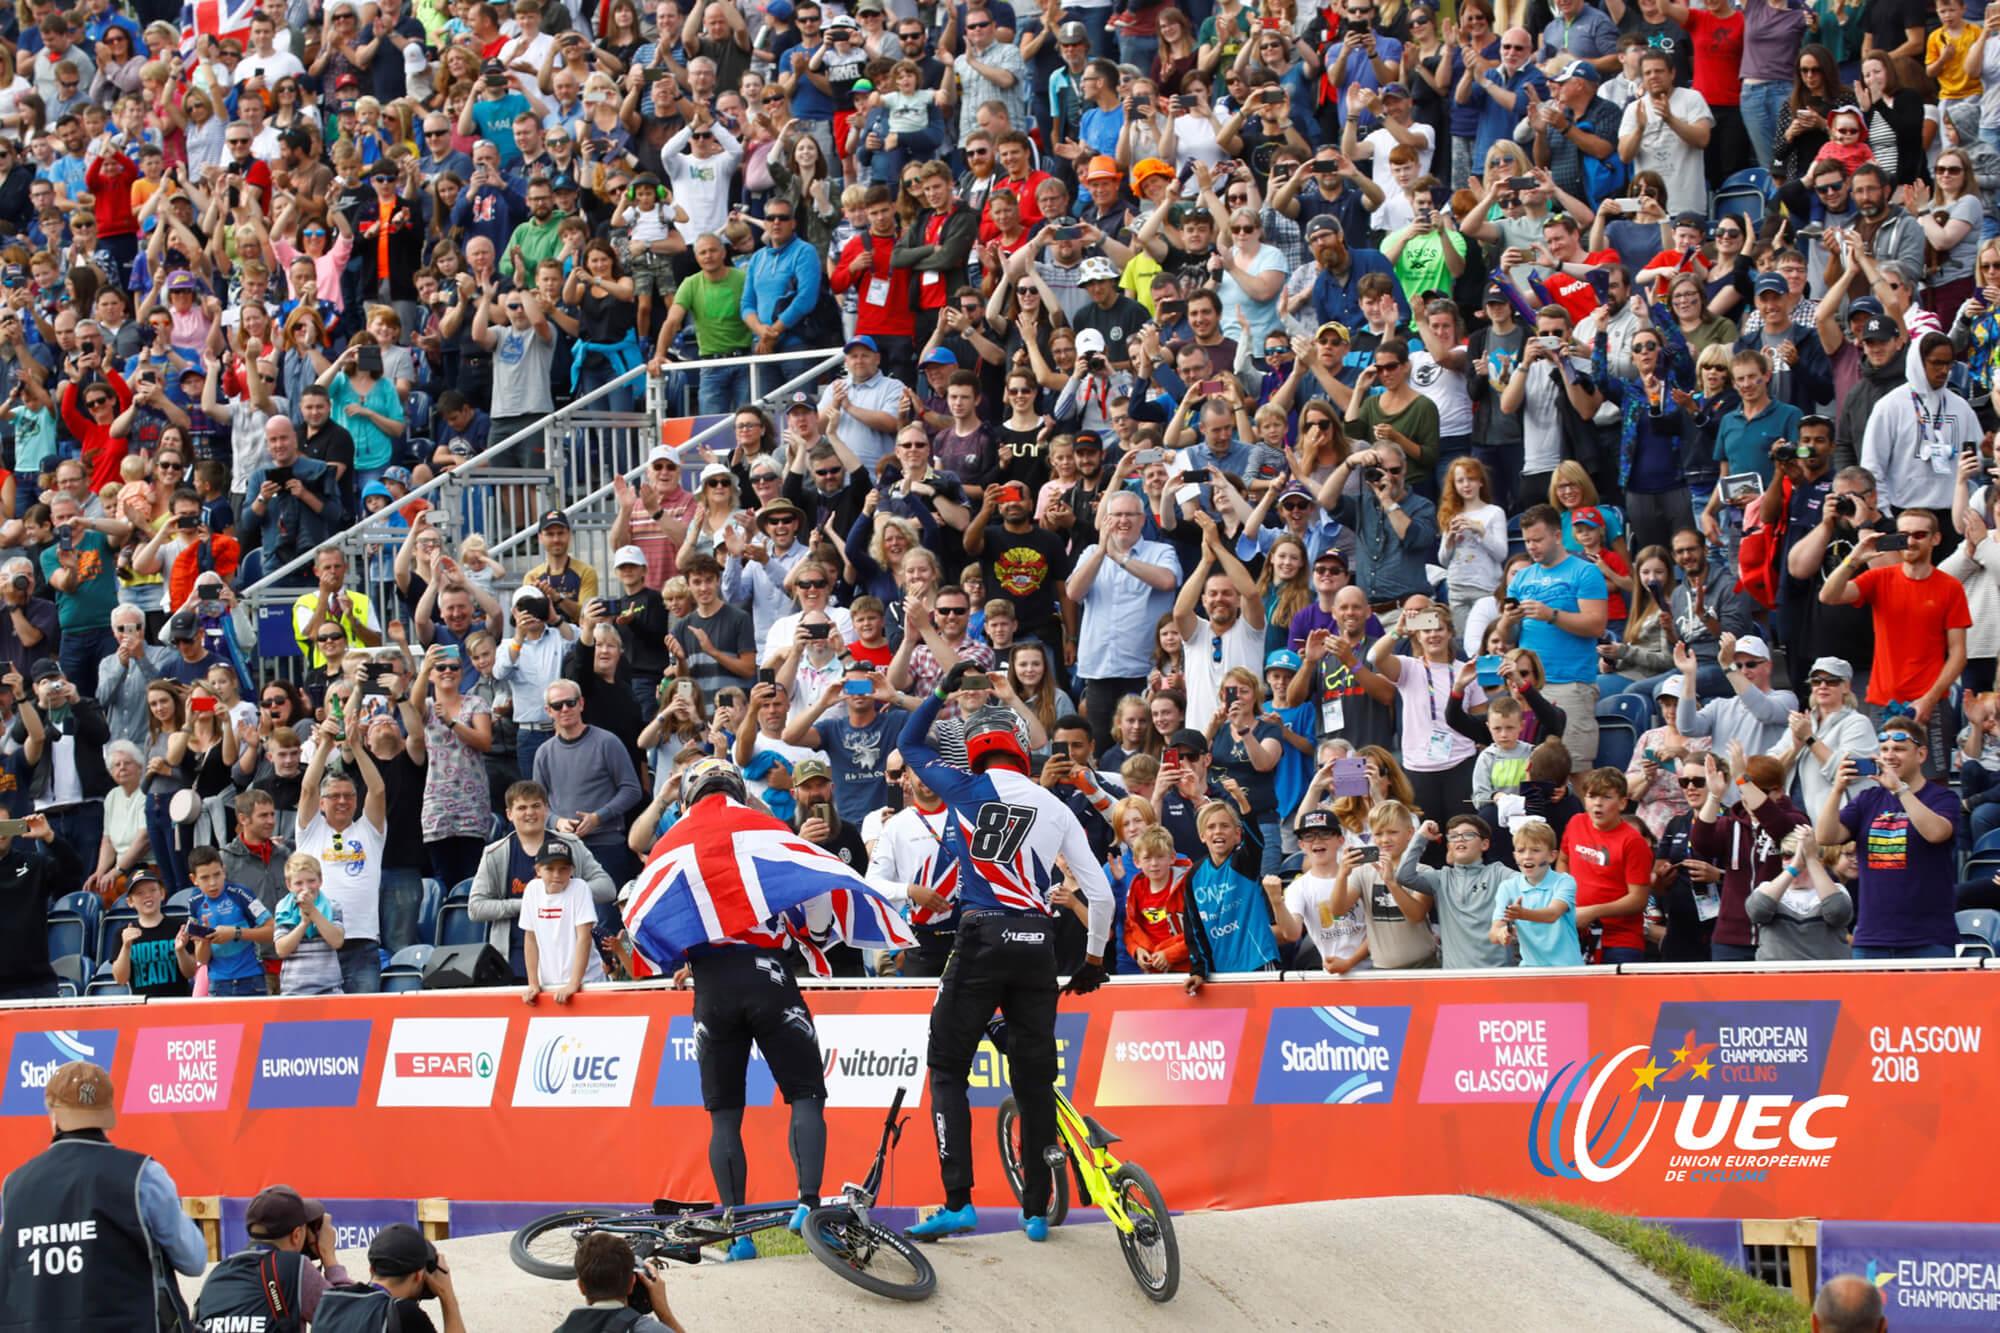 UCI Cycling World Championships - photo by UEC